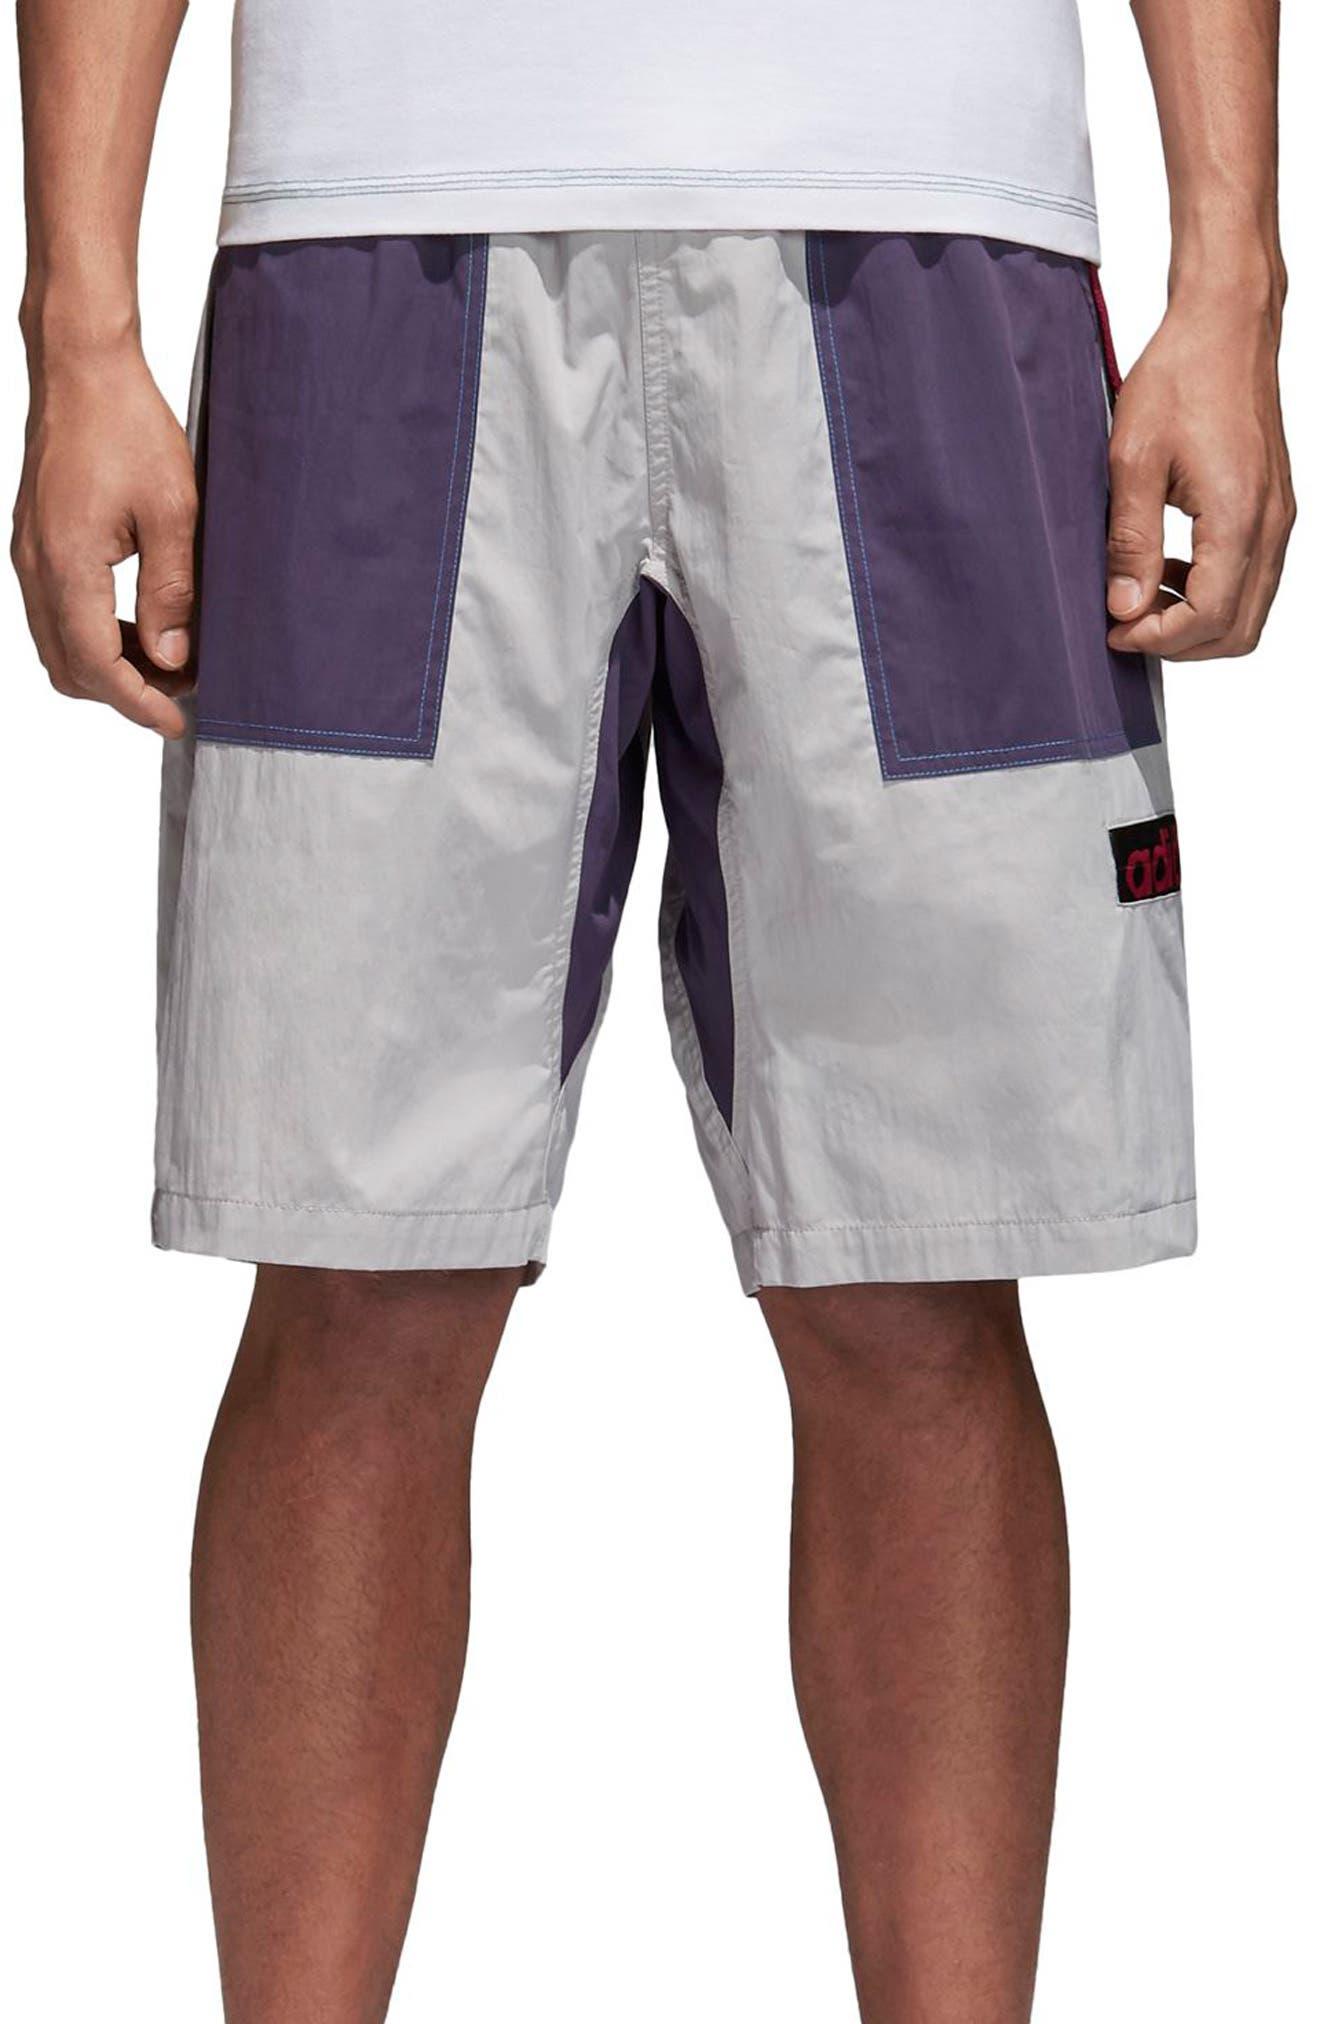 ADIDAS ORIGINALS,                             Atric Shorts,                             Main thumbnail 1, color,                             033